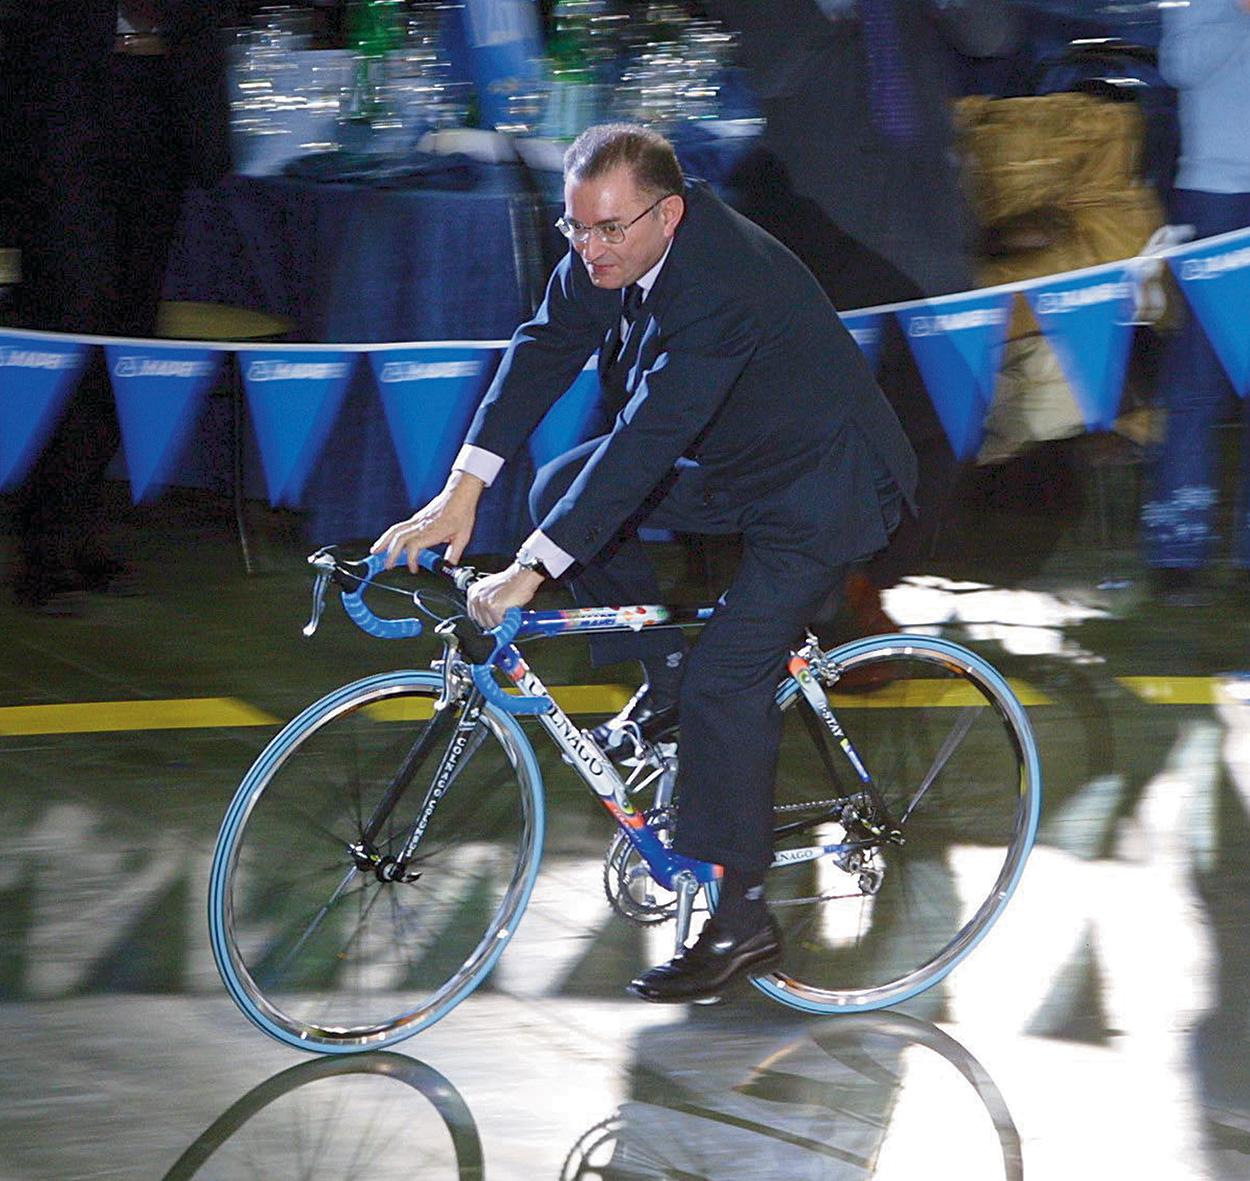 Giorgio Squinzi Mapei - mai smettere di pedalare (1)